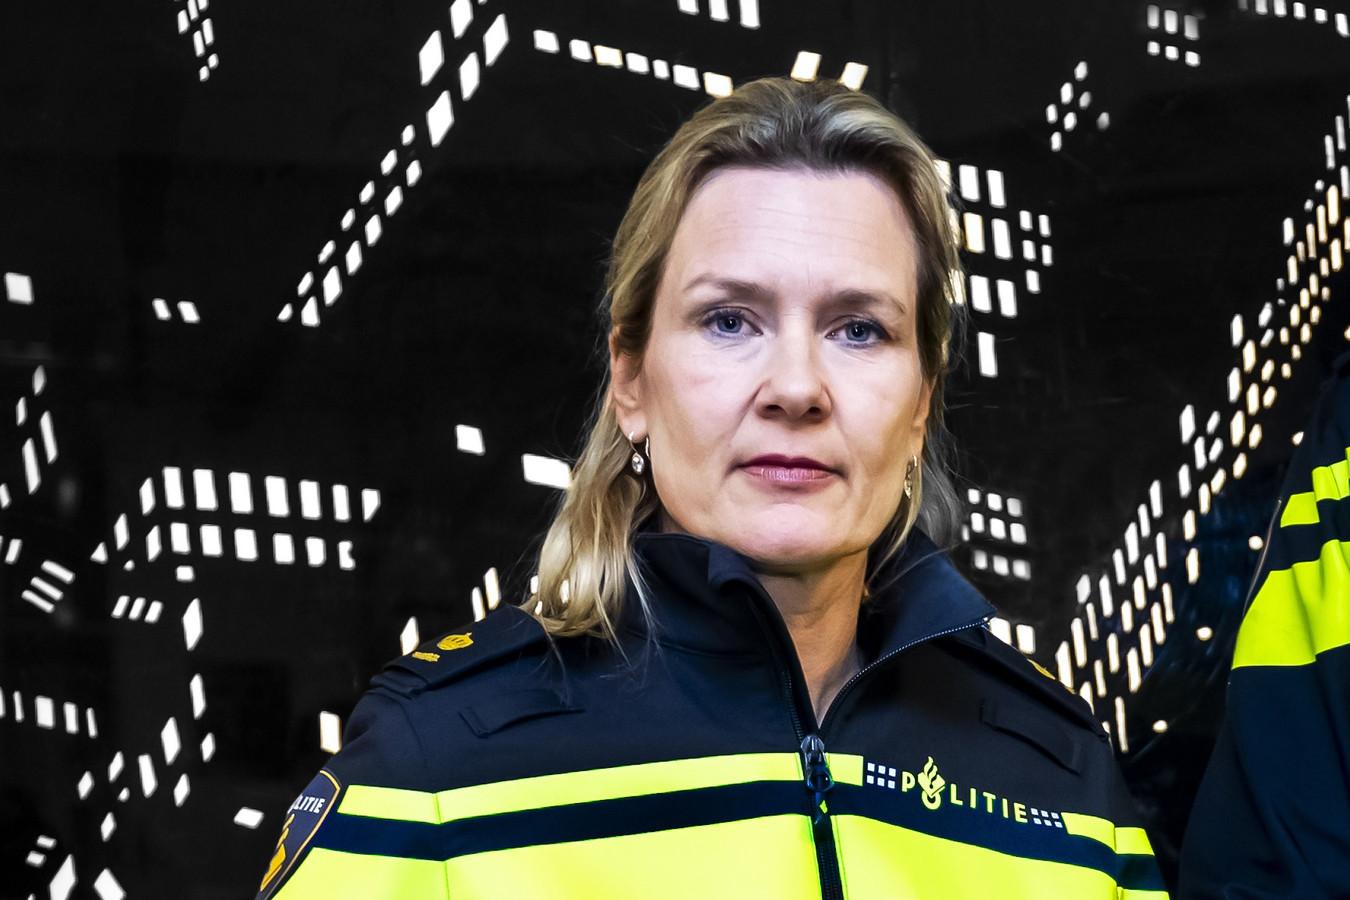 Liesbeth Maas, hoofd van de politie in de stad Utrecht.